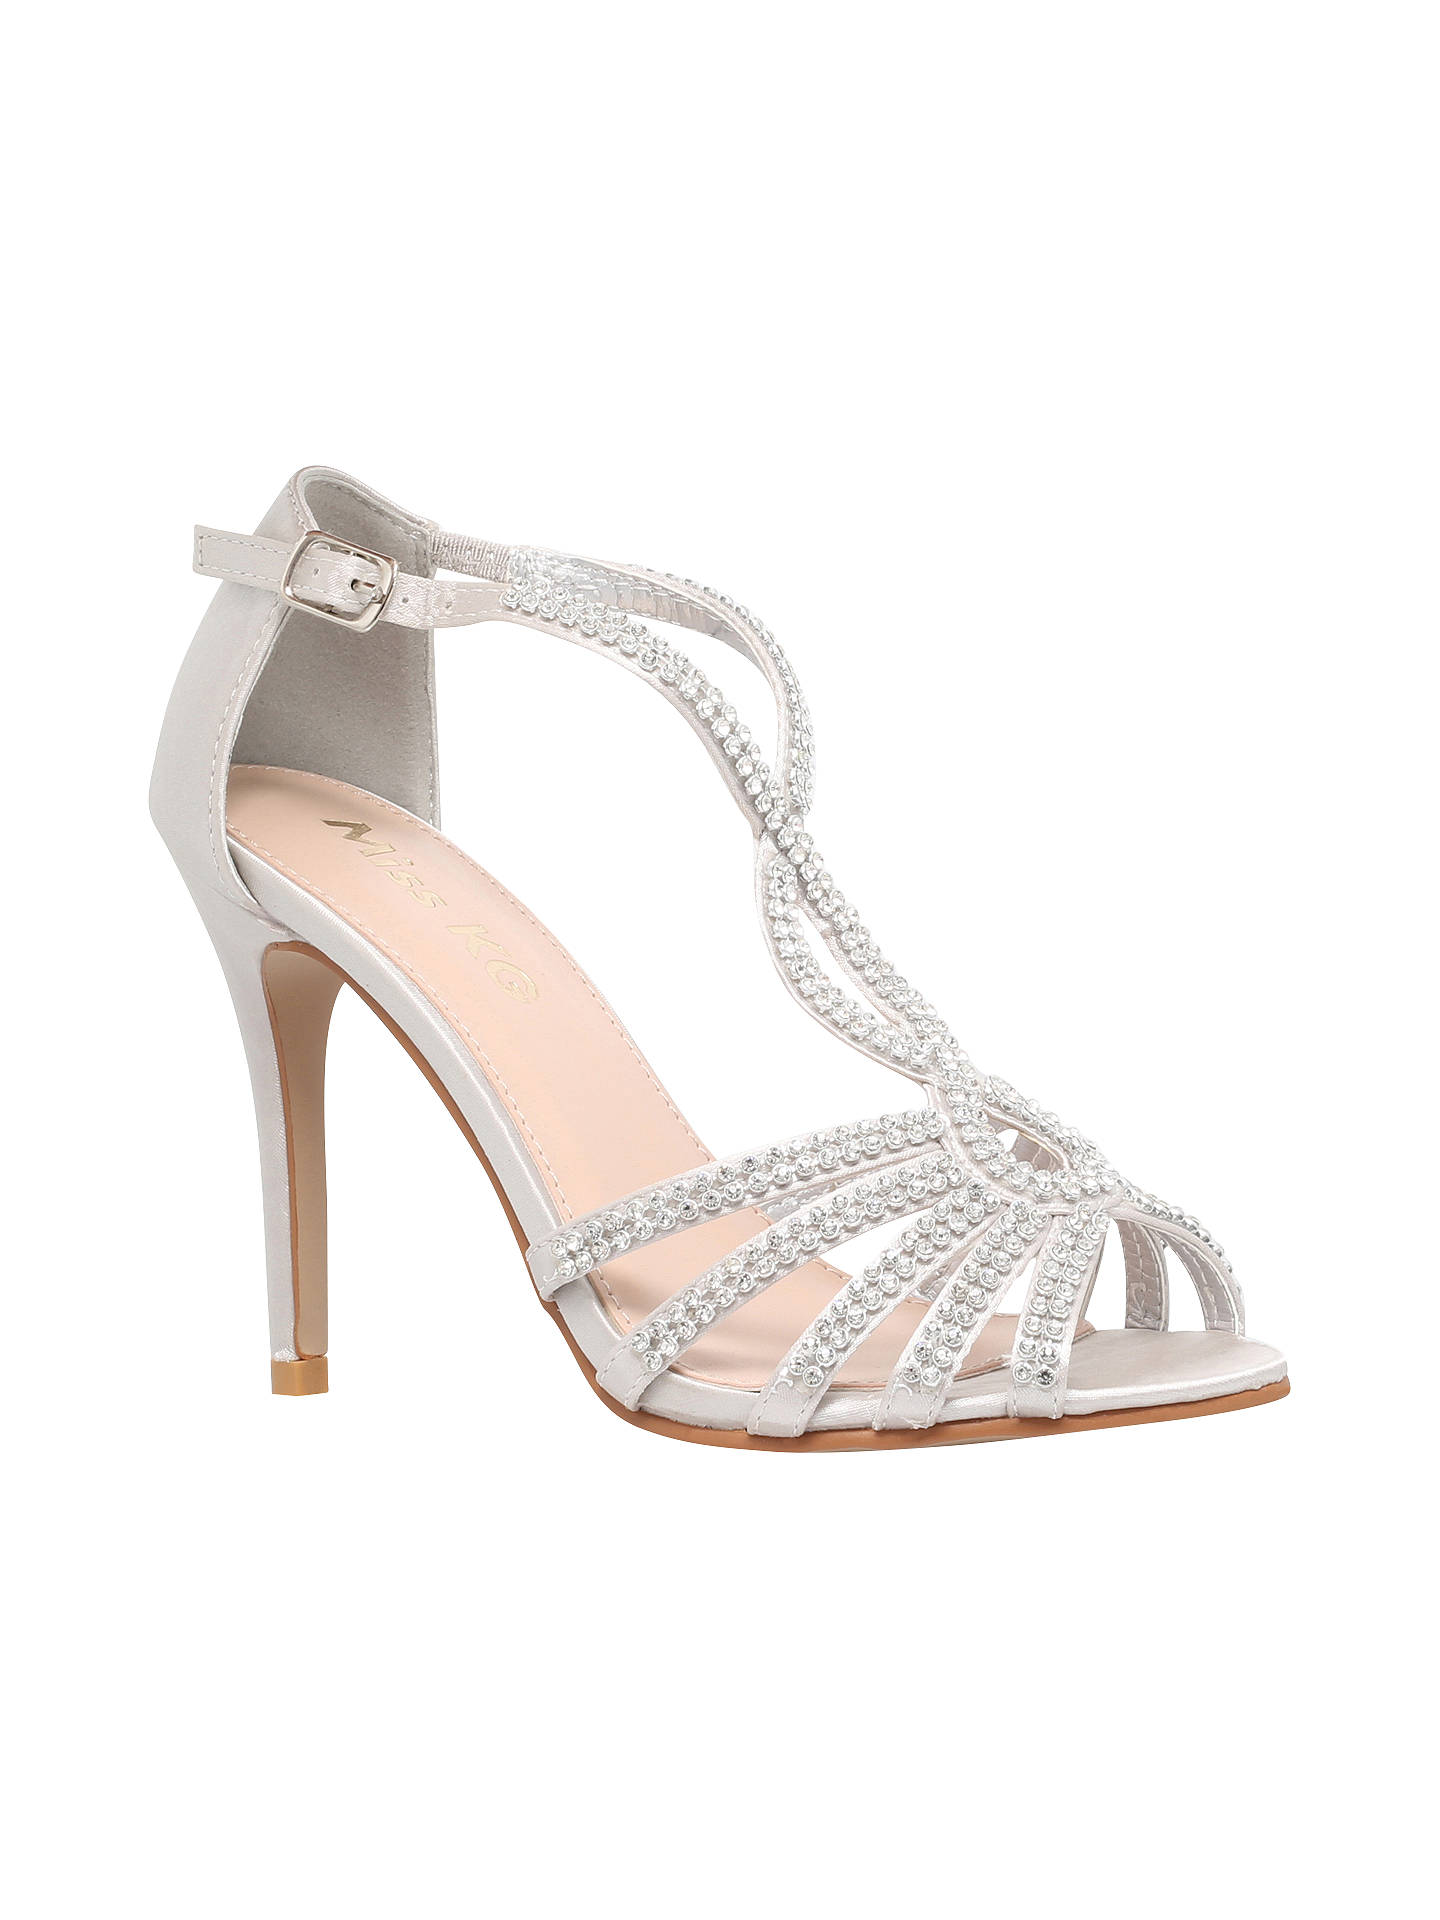 4422f3ee4f5b92 Buy Miss KG Pepper 2 Embellished Satin High Heel Sandals